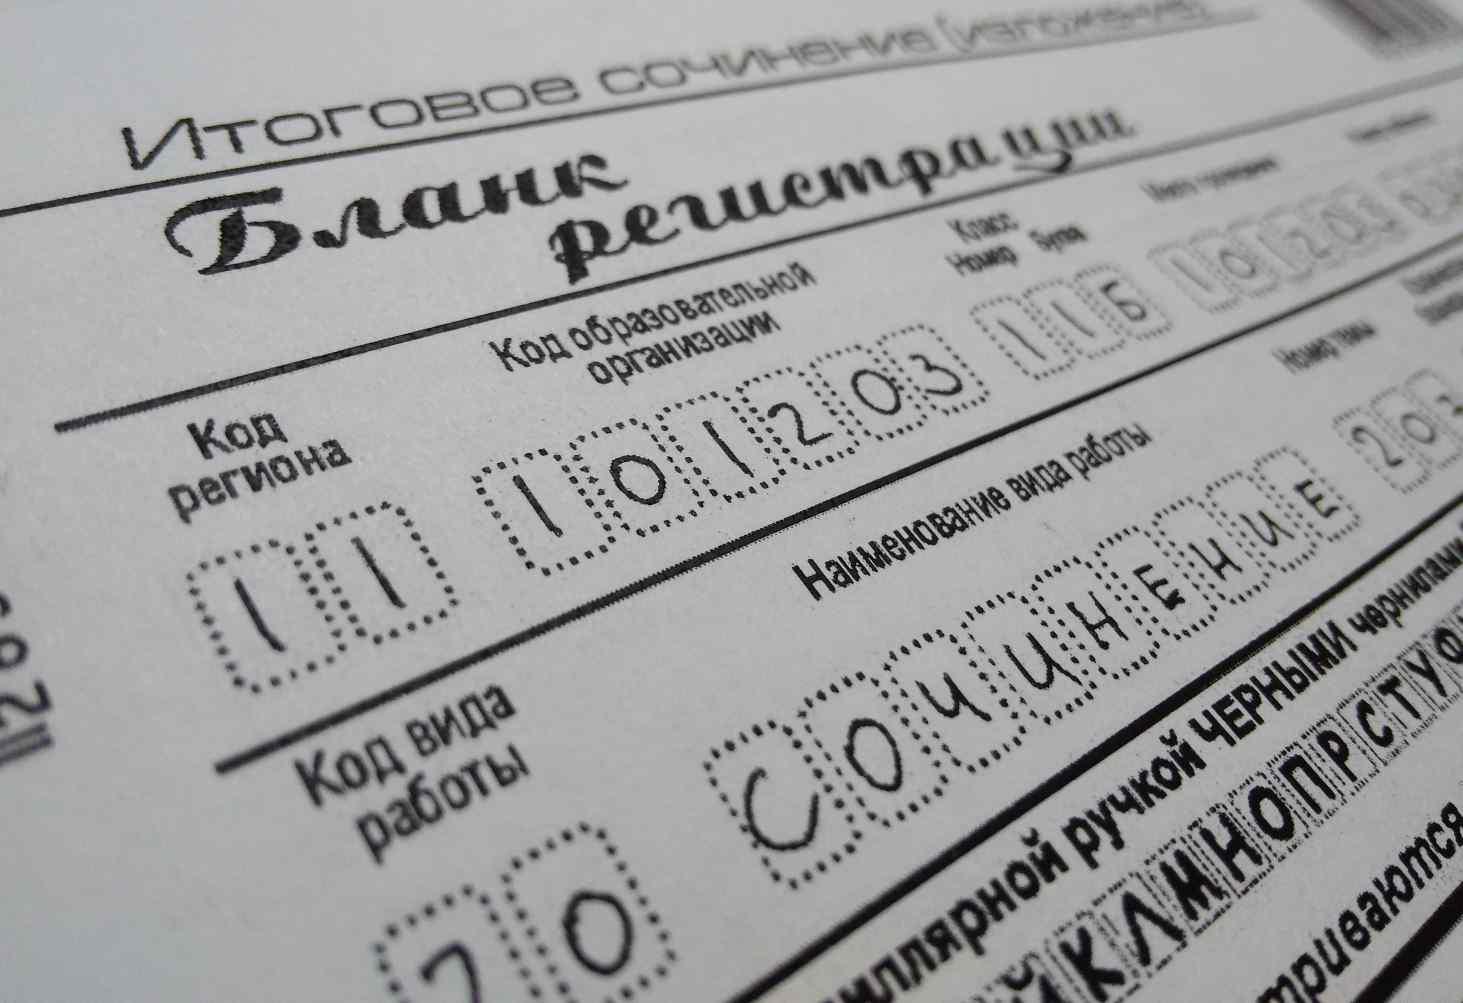 kak-podgotovitsya-k-itogovomu-sochineniyu